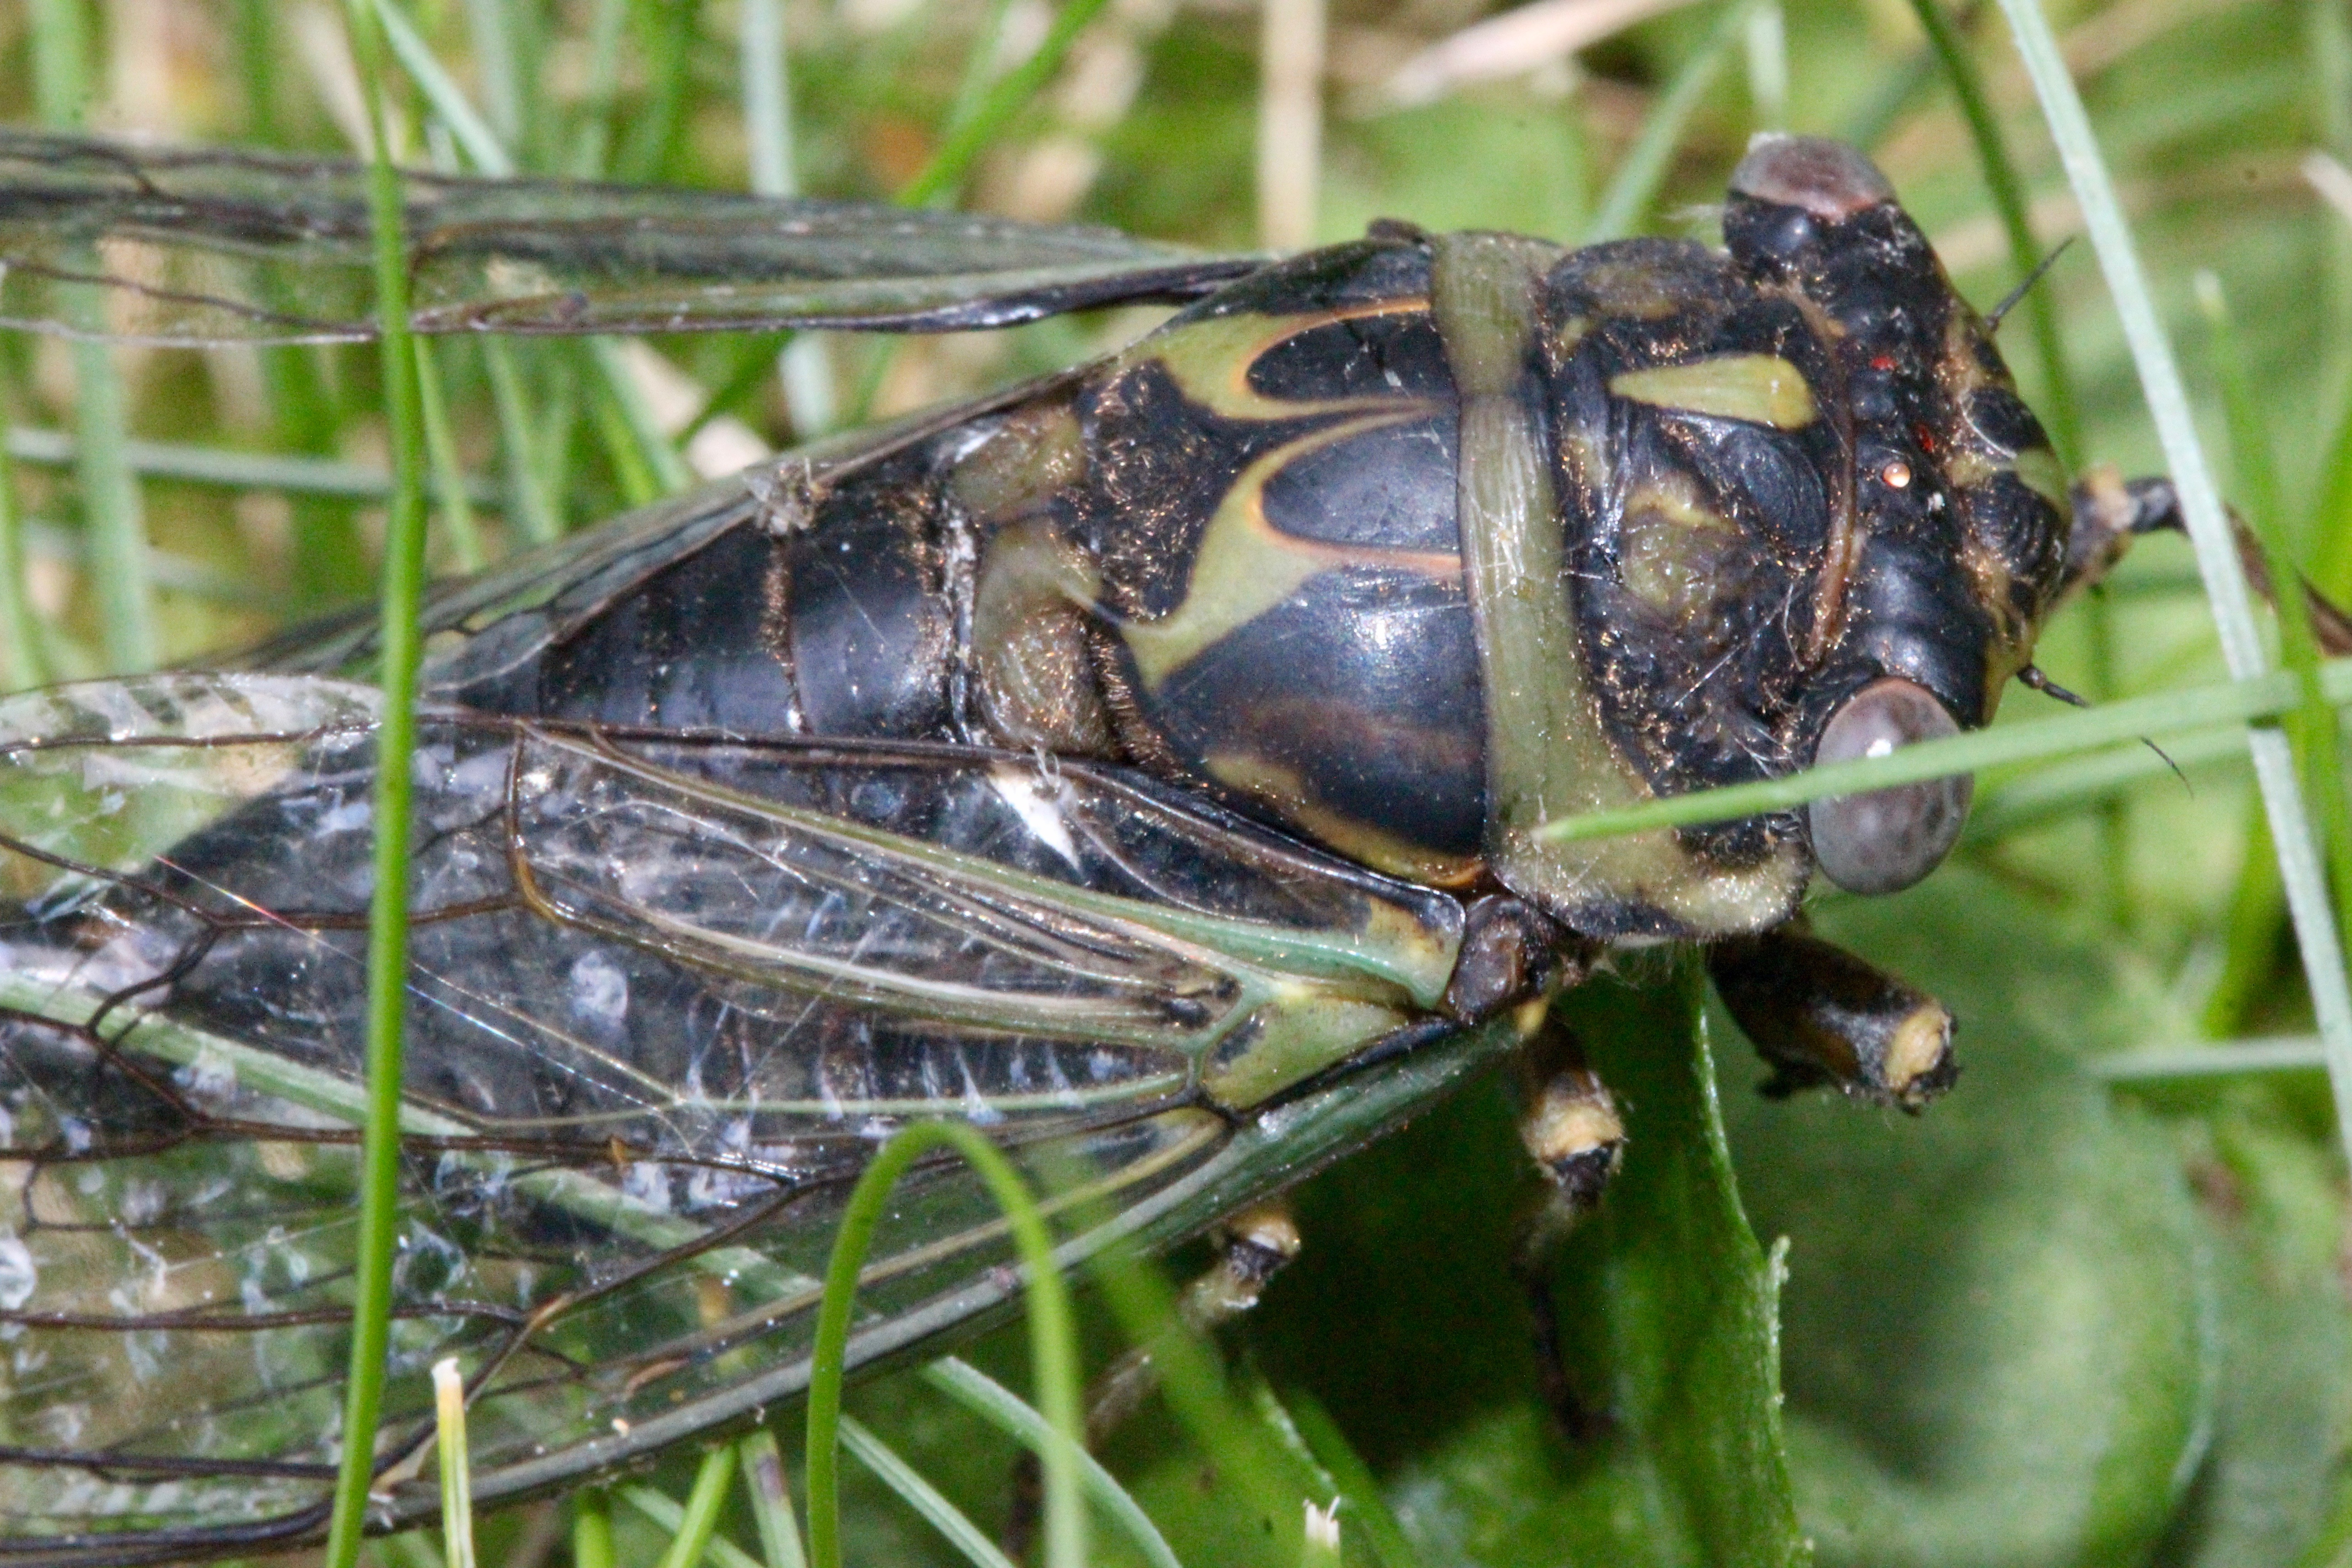 m cicada up close 2